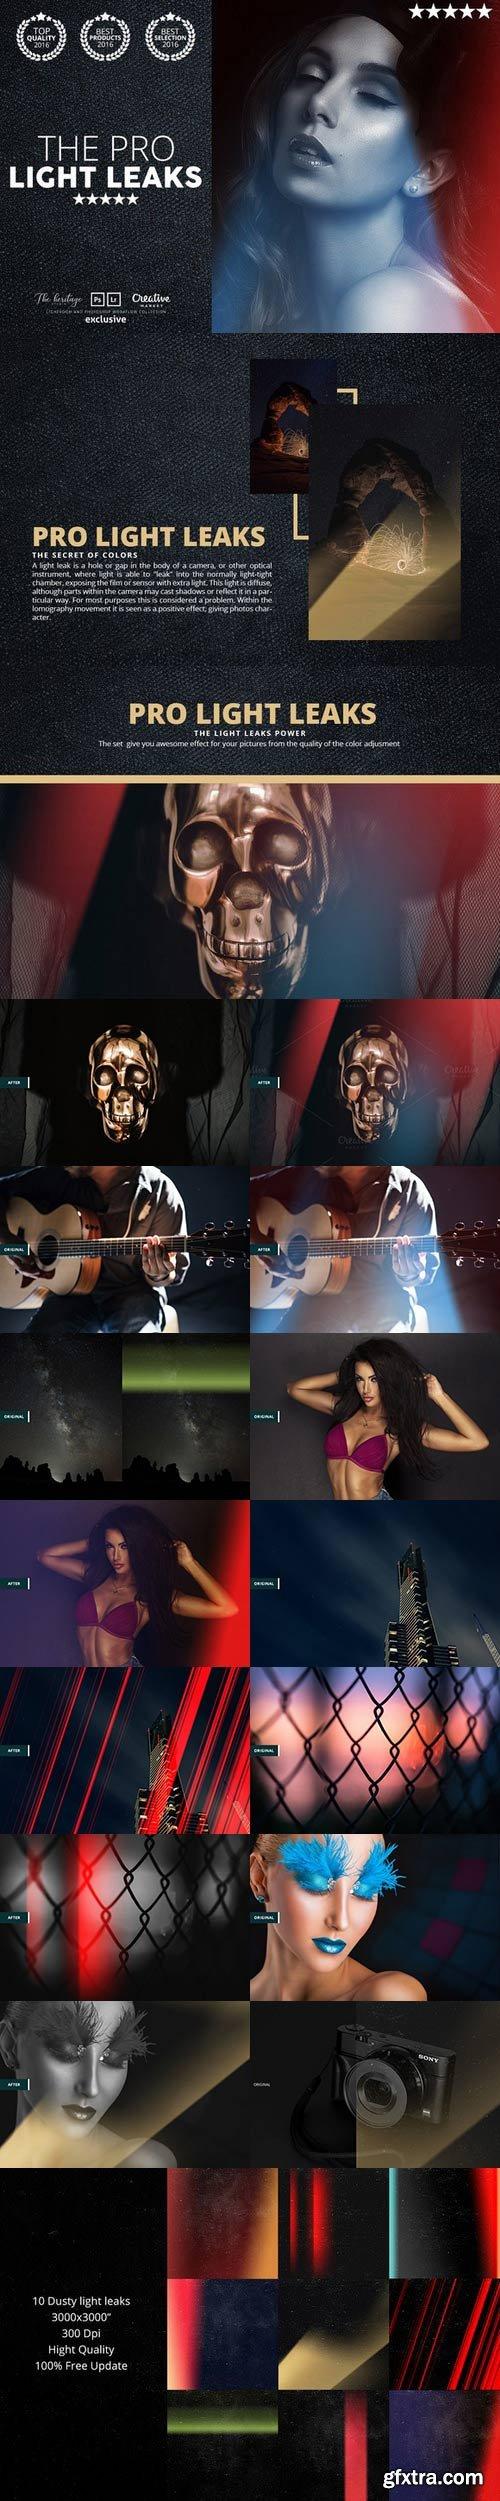 CM - Pro LIGHT LEAKS 95 Photoshop Bundle 1083452